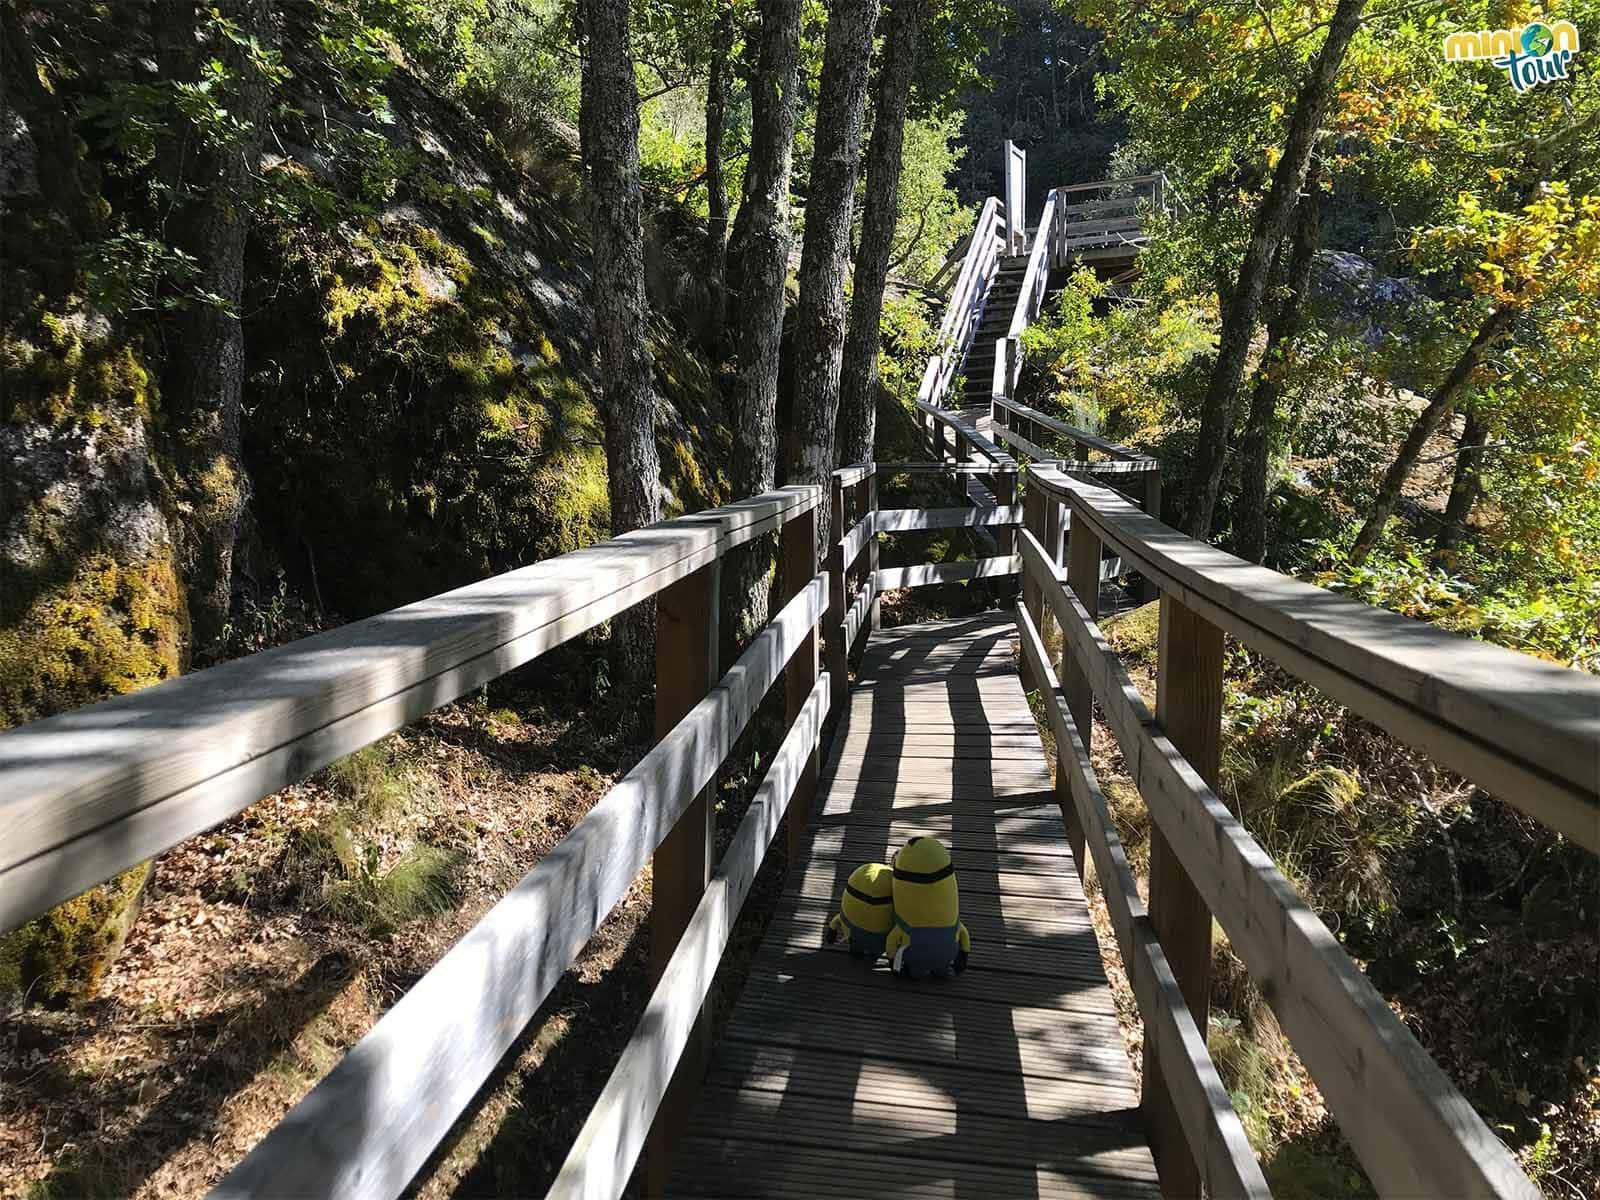 Por las pasarelas de la ruta de A Cántara da Moura